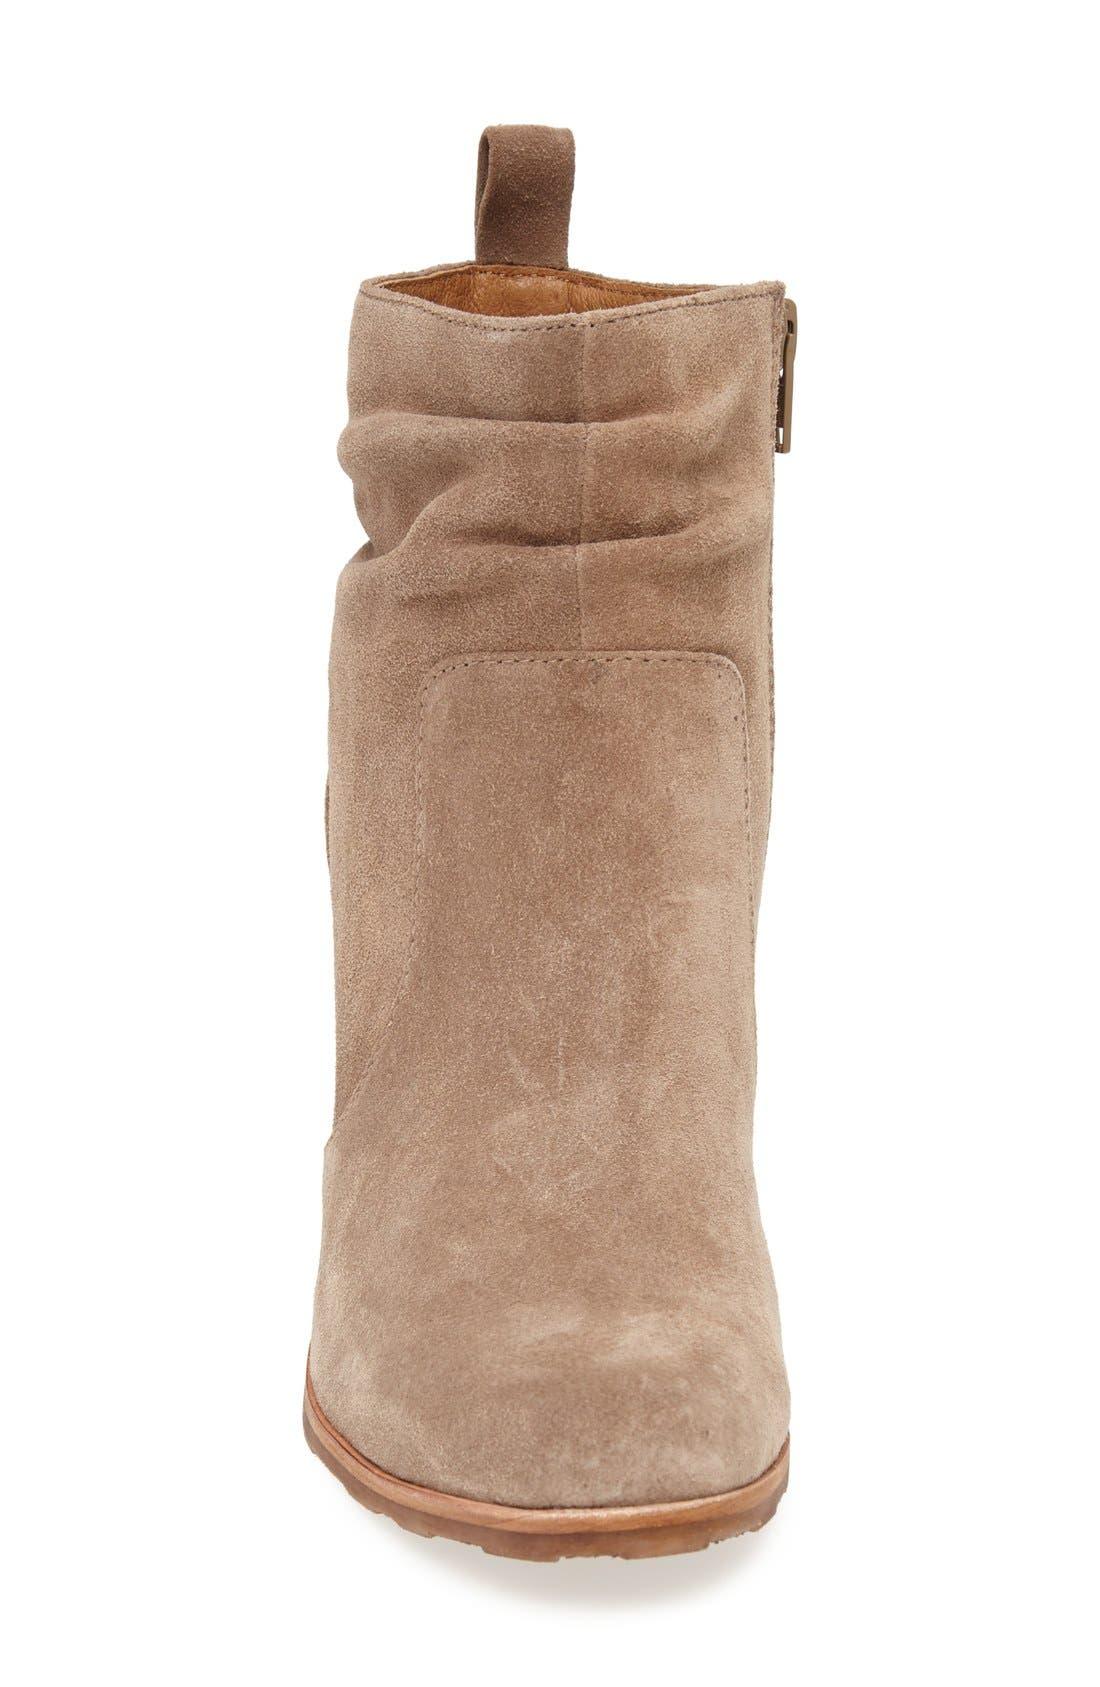 Alternate Image 3  - Söfft 'Toby' Boot (Women)